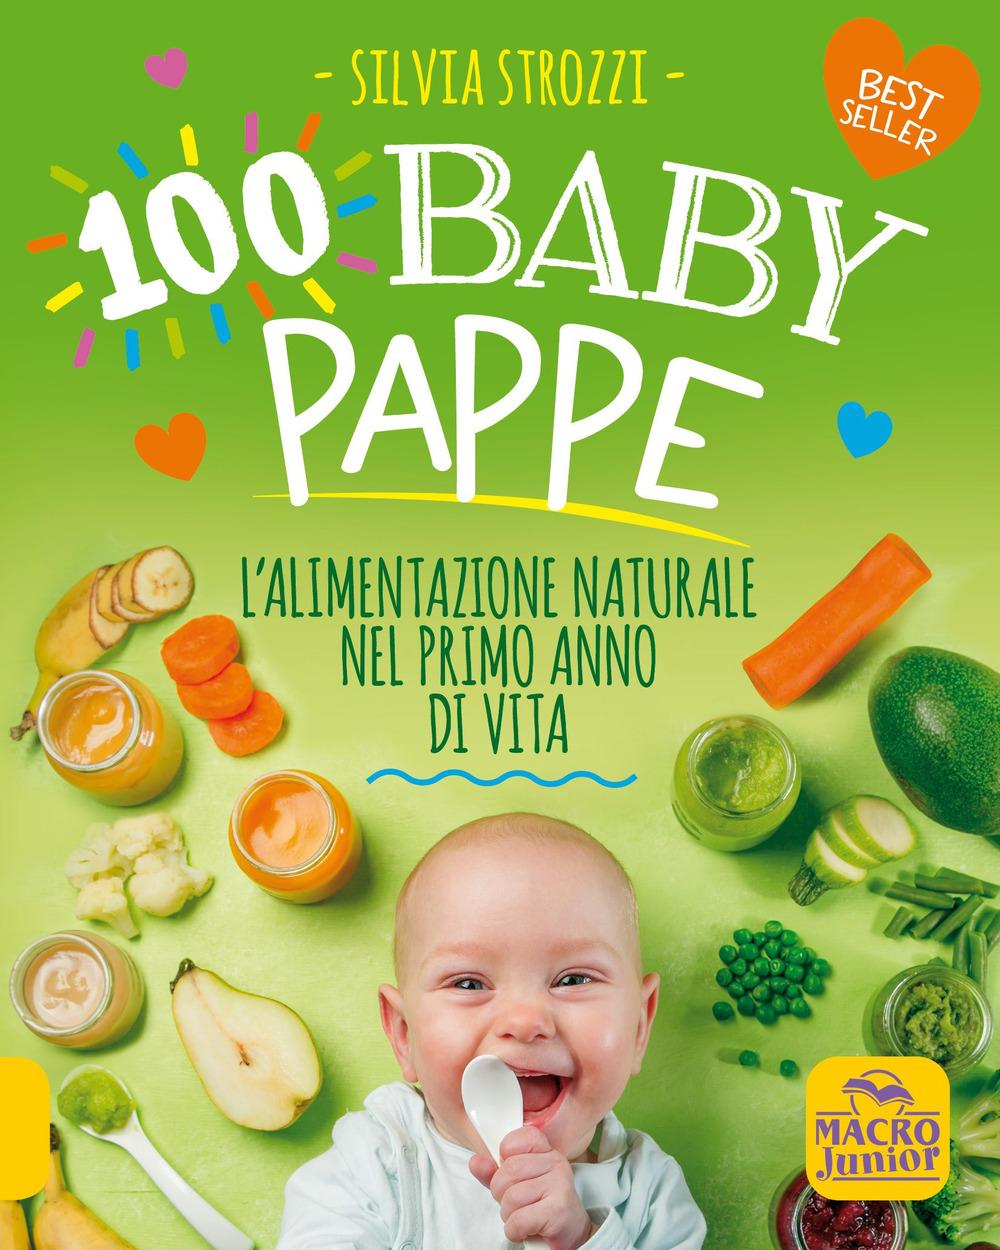 Libri 100 Baby Pappe. L'alimentazione Naturale Nel Primo Anno Di Vita NUOVO SIGILLATO, EDIZIONE DEL 02/07/2020 SUBITO DISPONIBILE